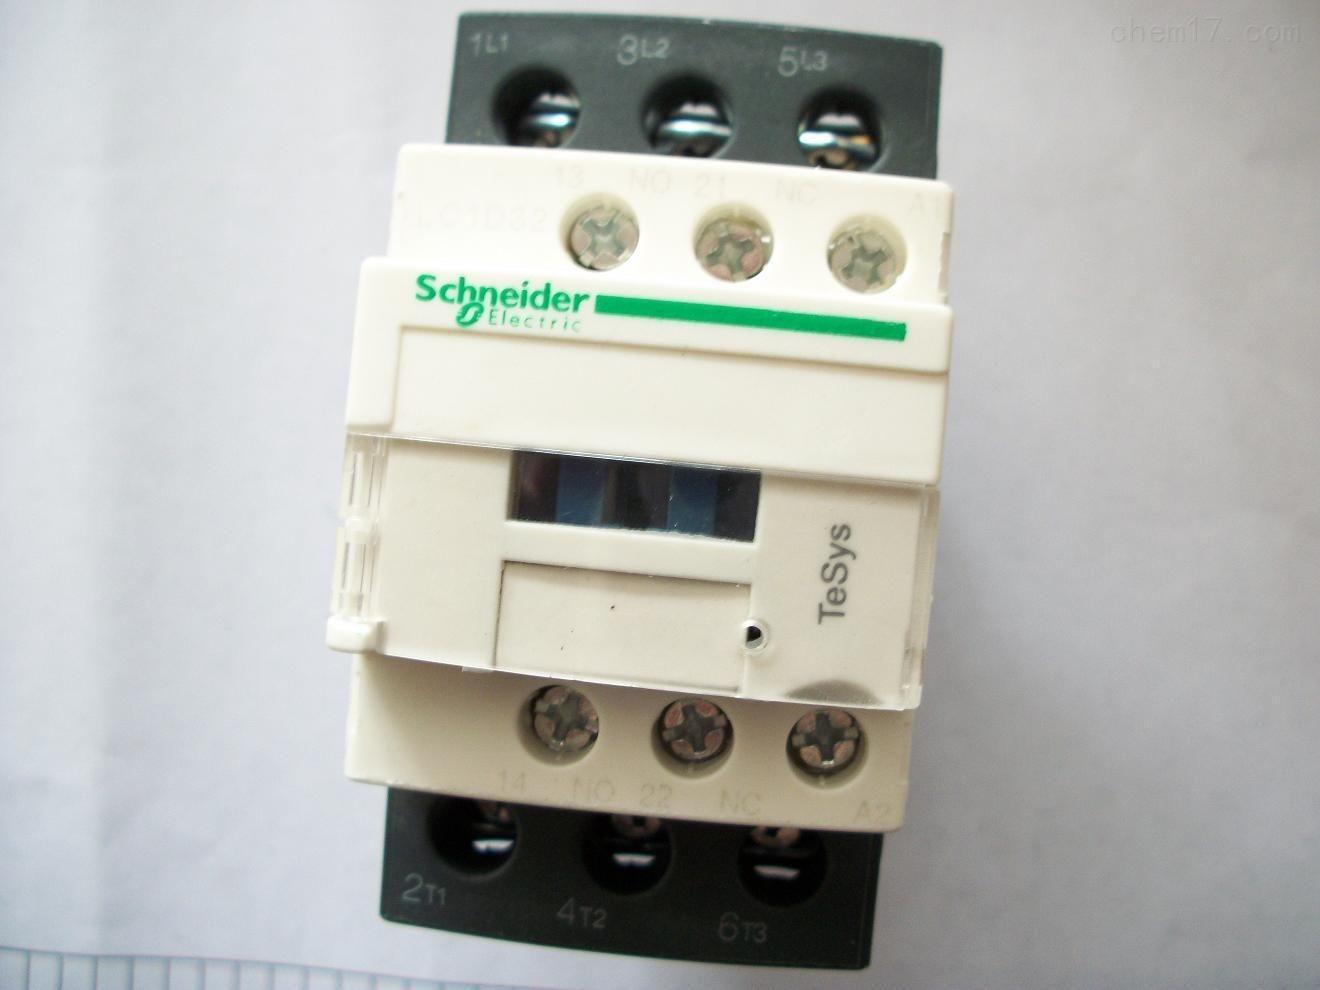 施耐德交流接触器_lc1d65008c7n 施耐德交流接触器